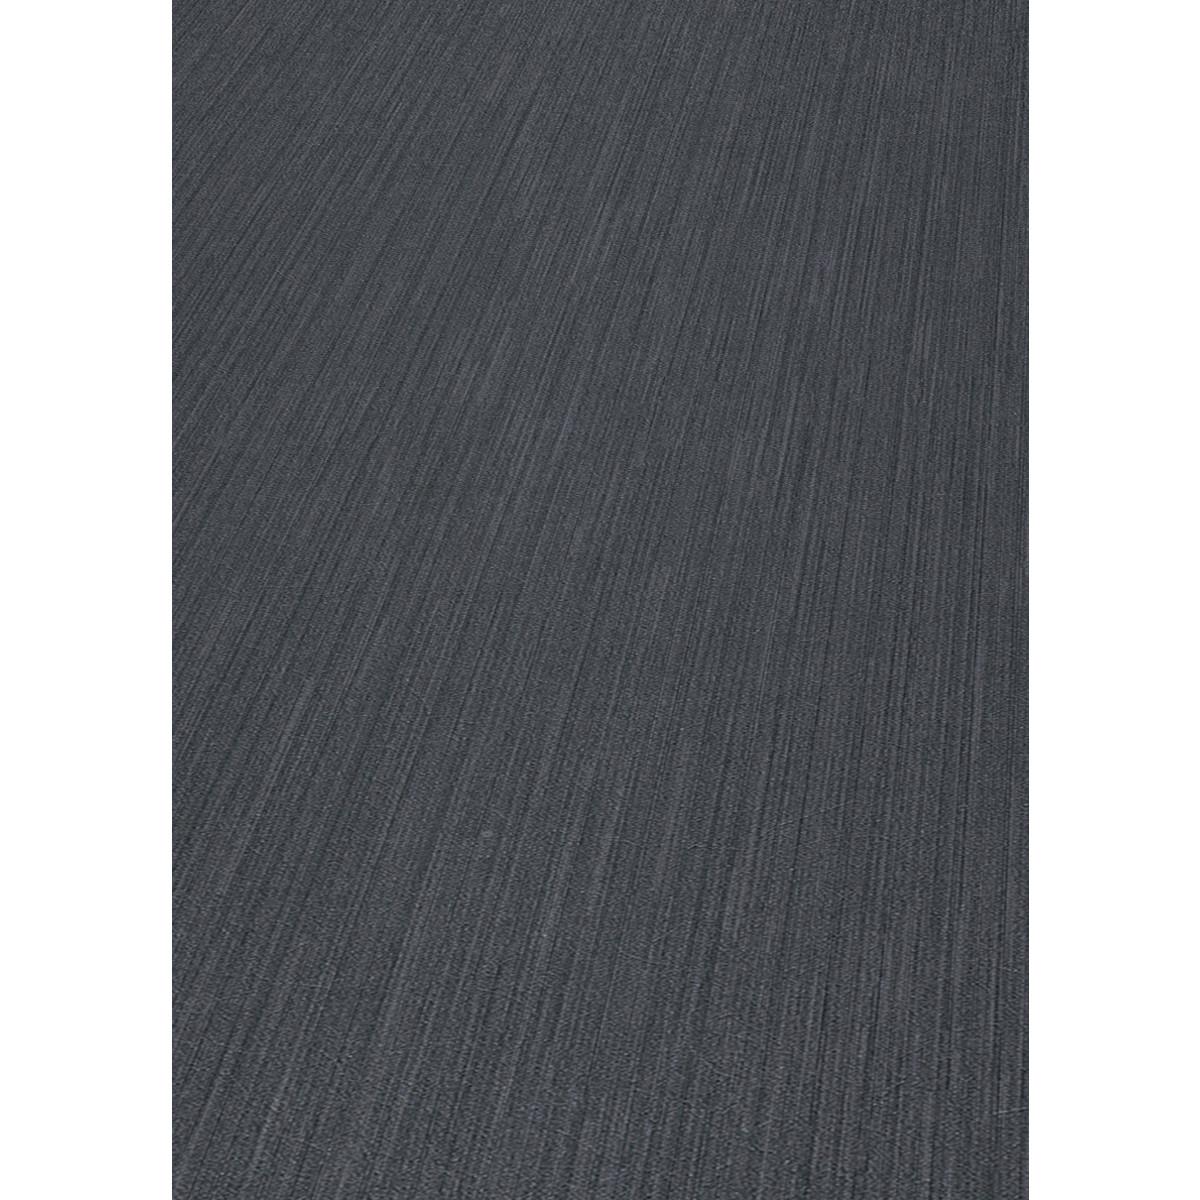 Обои флизелиновые Erismann серые 0.53 м 10004-15